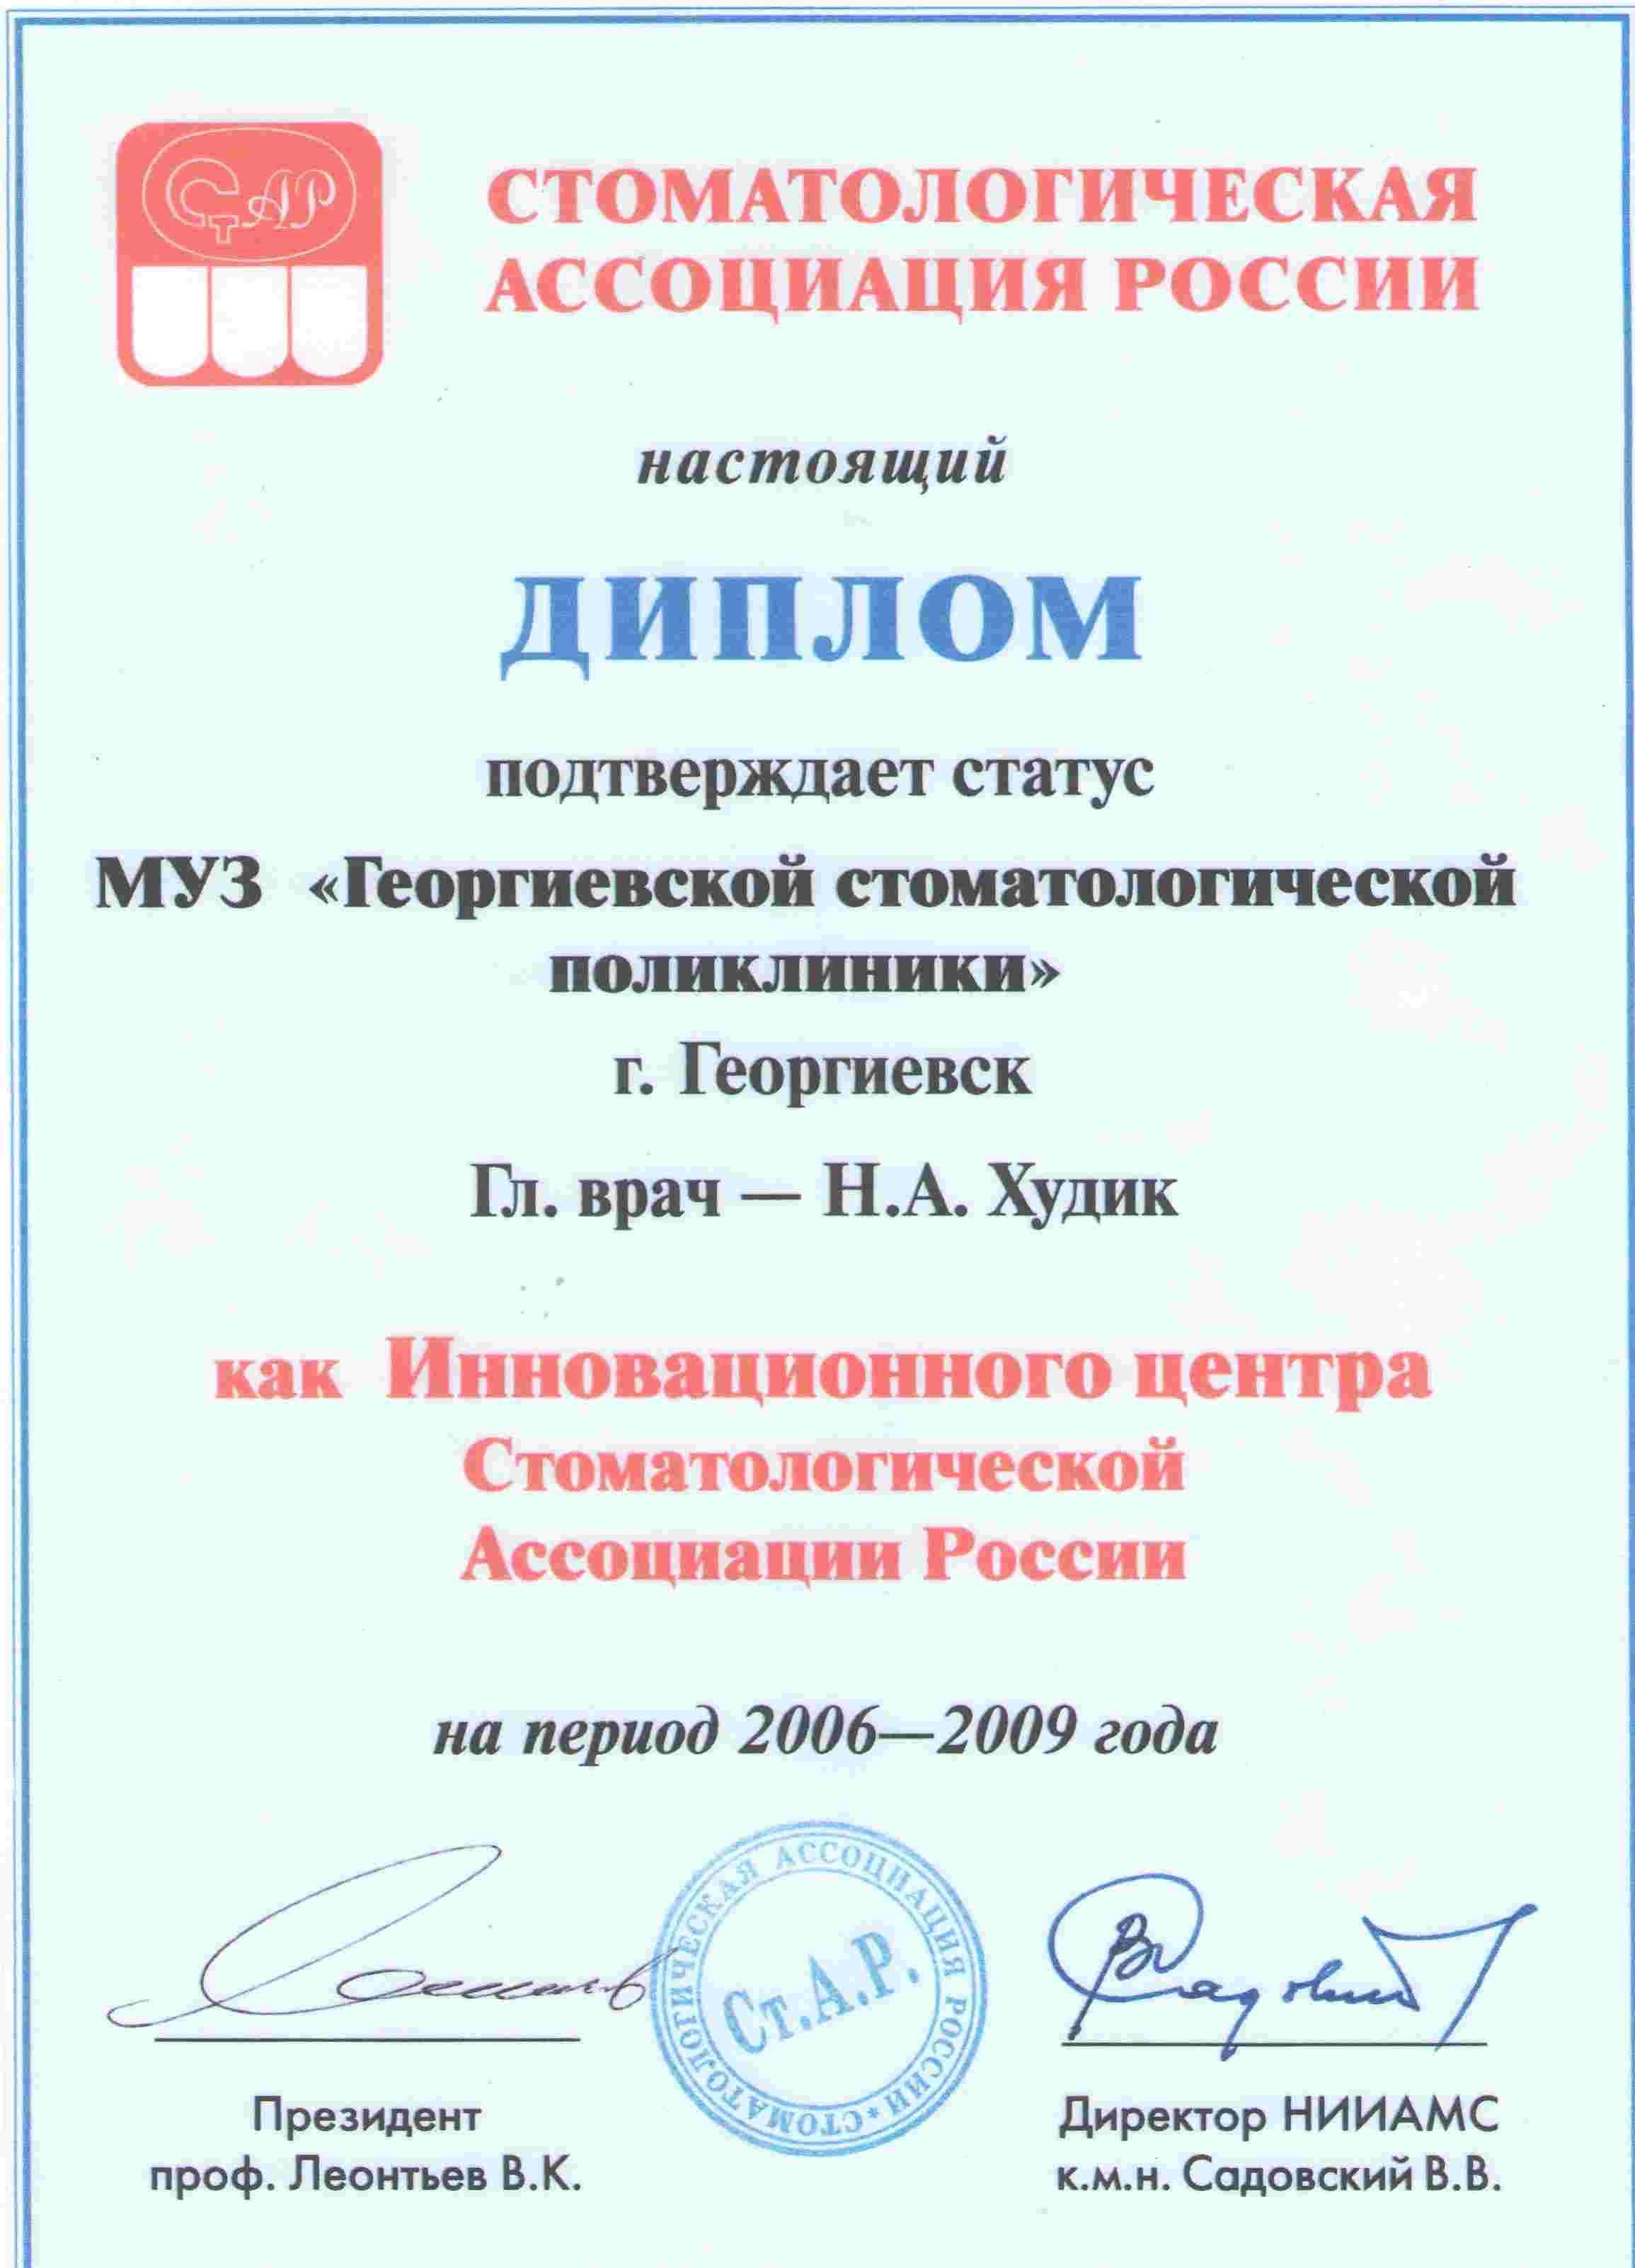 Диплом подтверждающий статус МУЗ«Георгиевской стоматологической поликлиники» как Инновационного центра Стоматологической Ассоциации России.